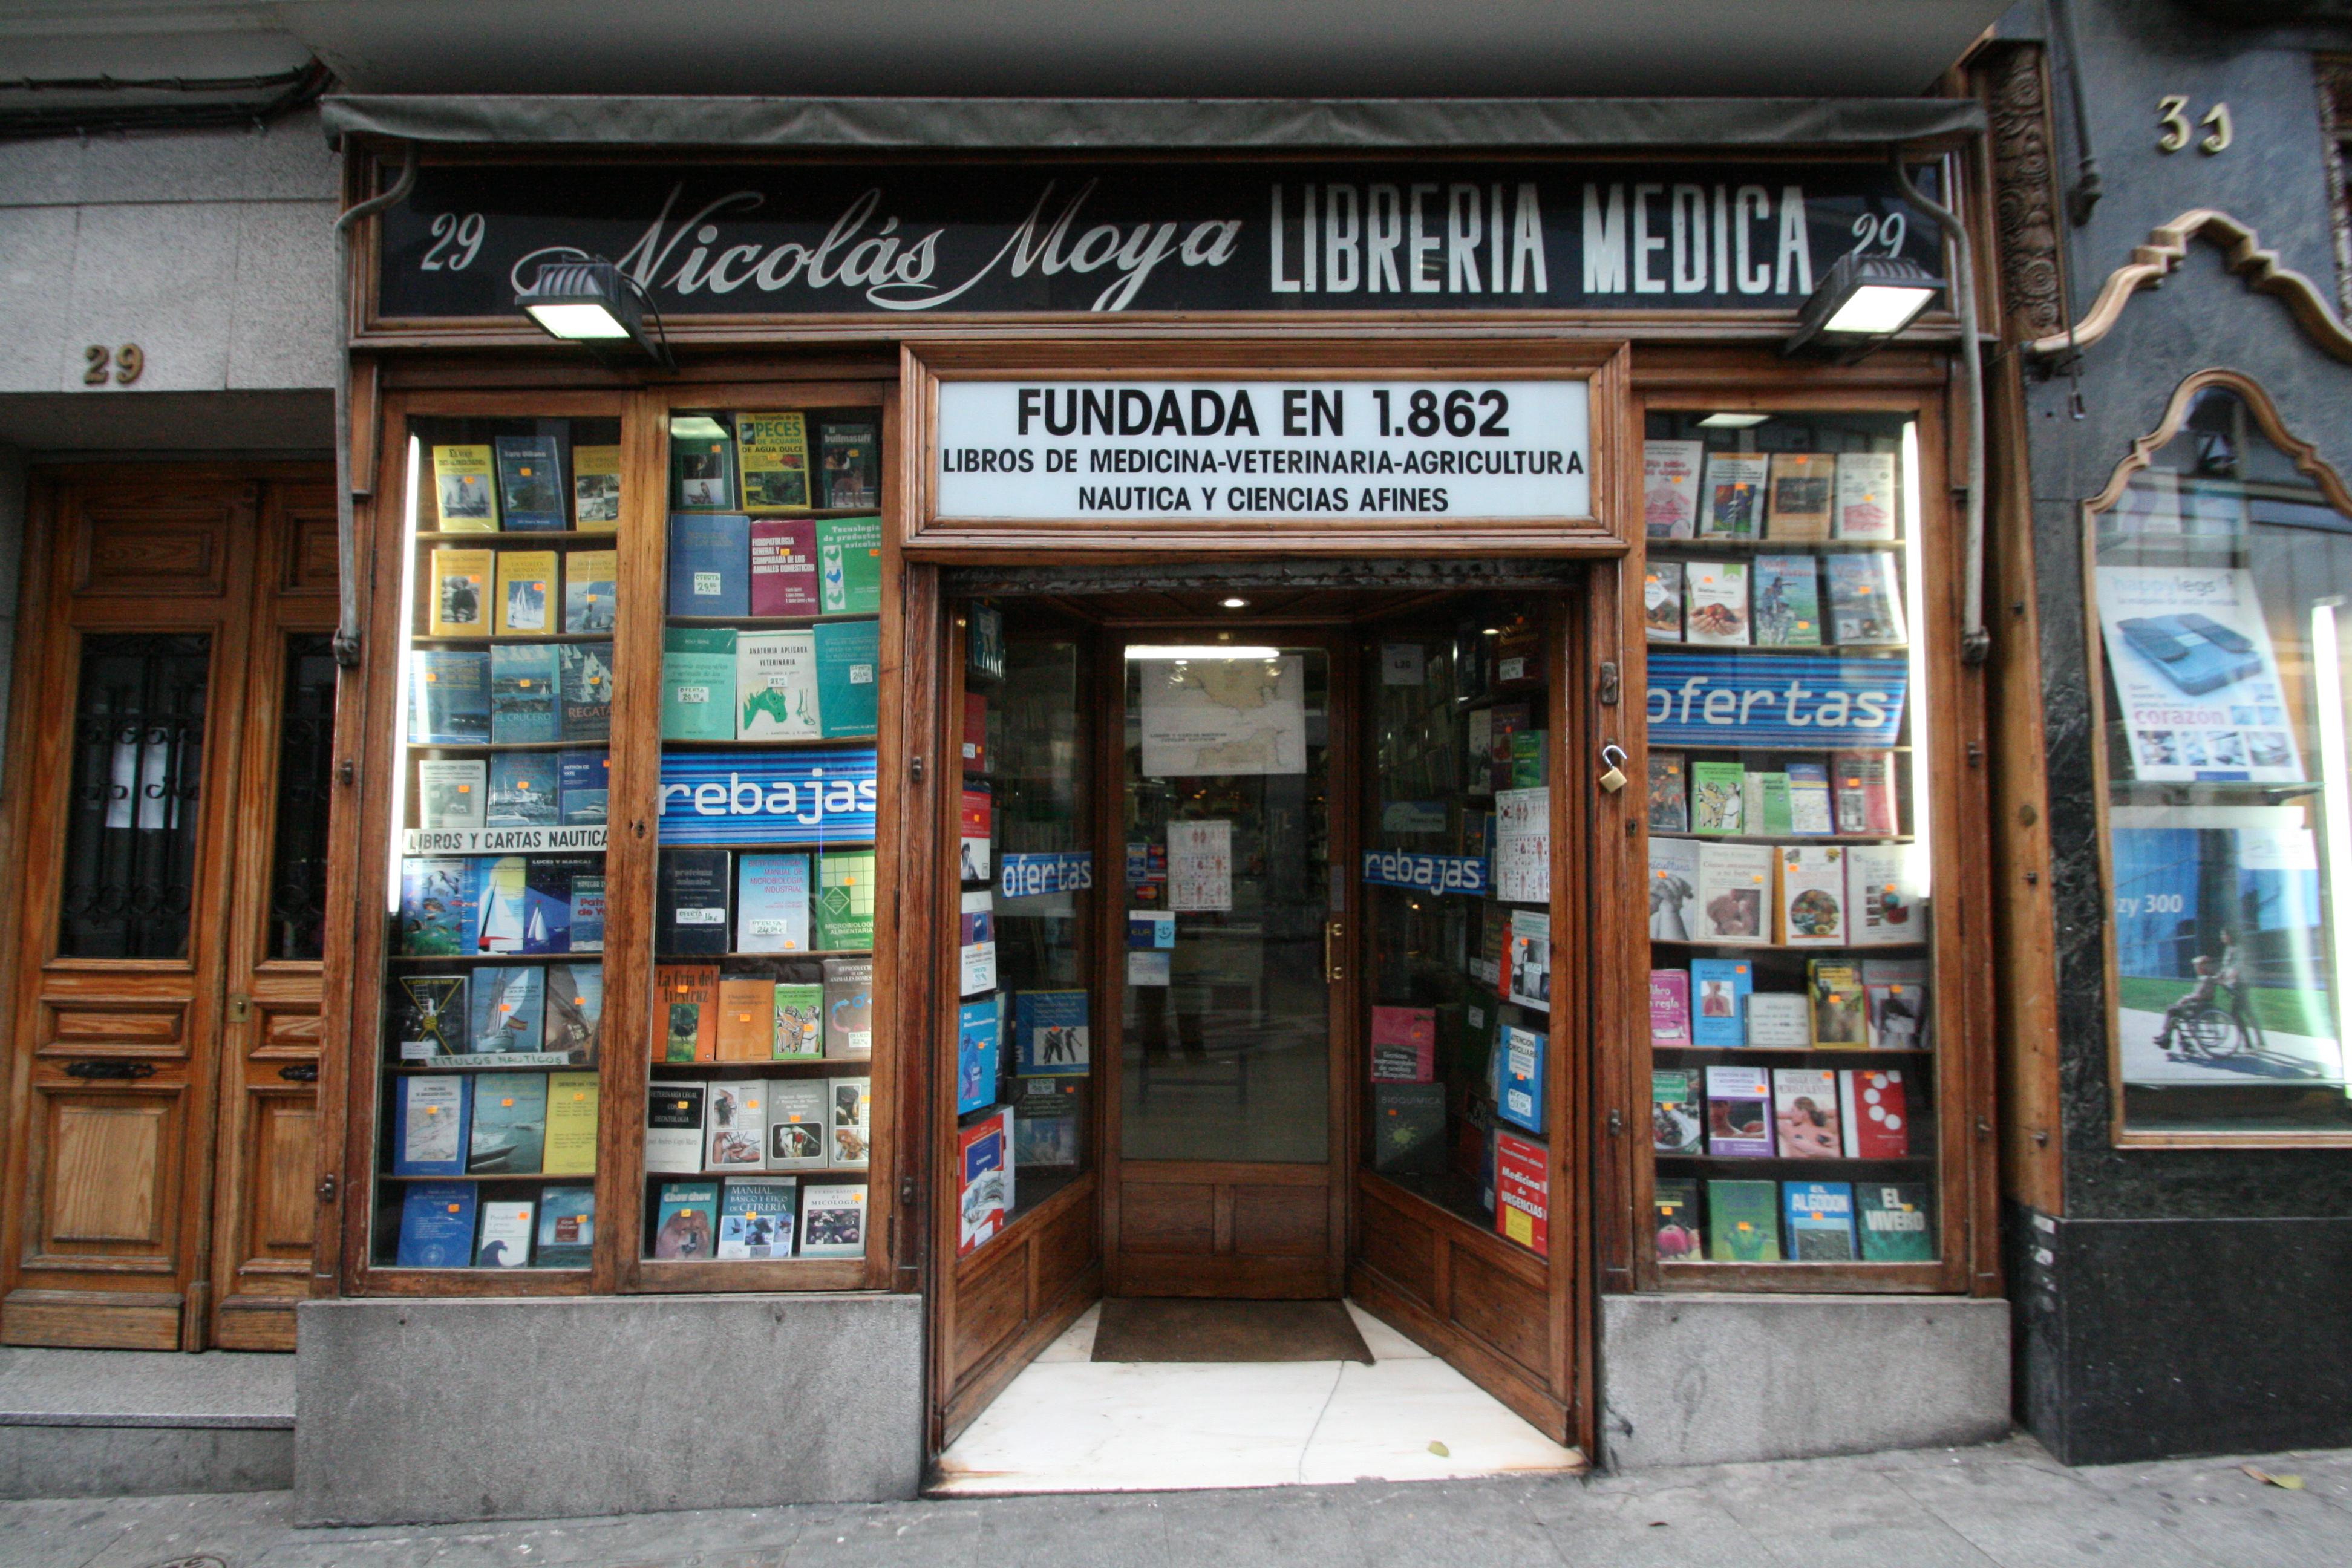 Librer a m dica nicol s moya calle carretas 29 el for Libreria puerta del sol